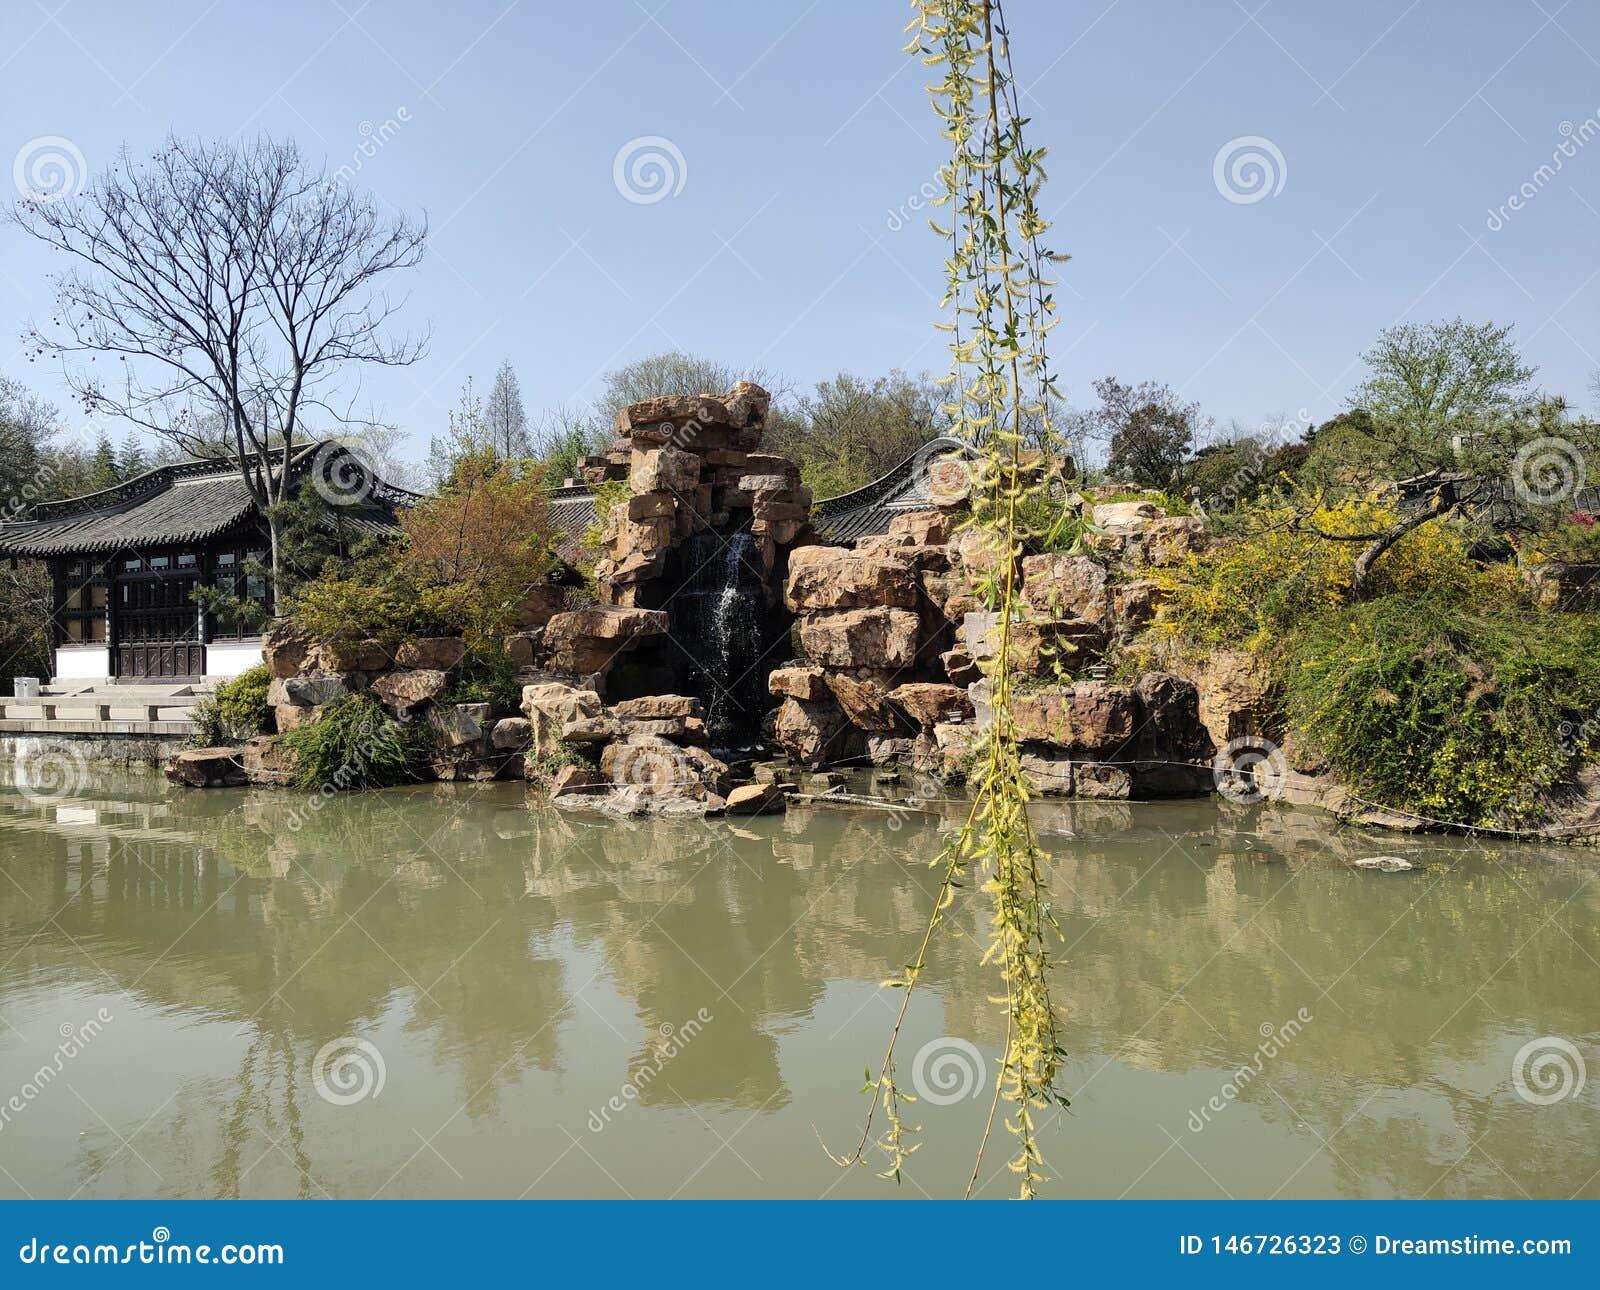 中国的广西北海旅游业春天美景,假山庭园,绿色水,树,亭子